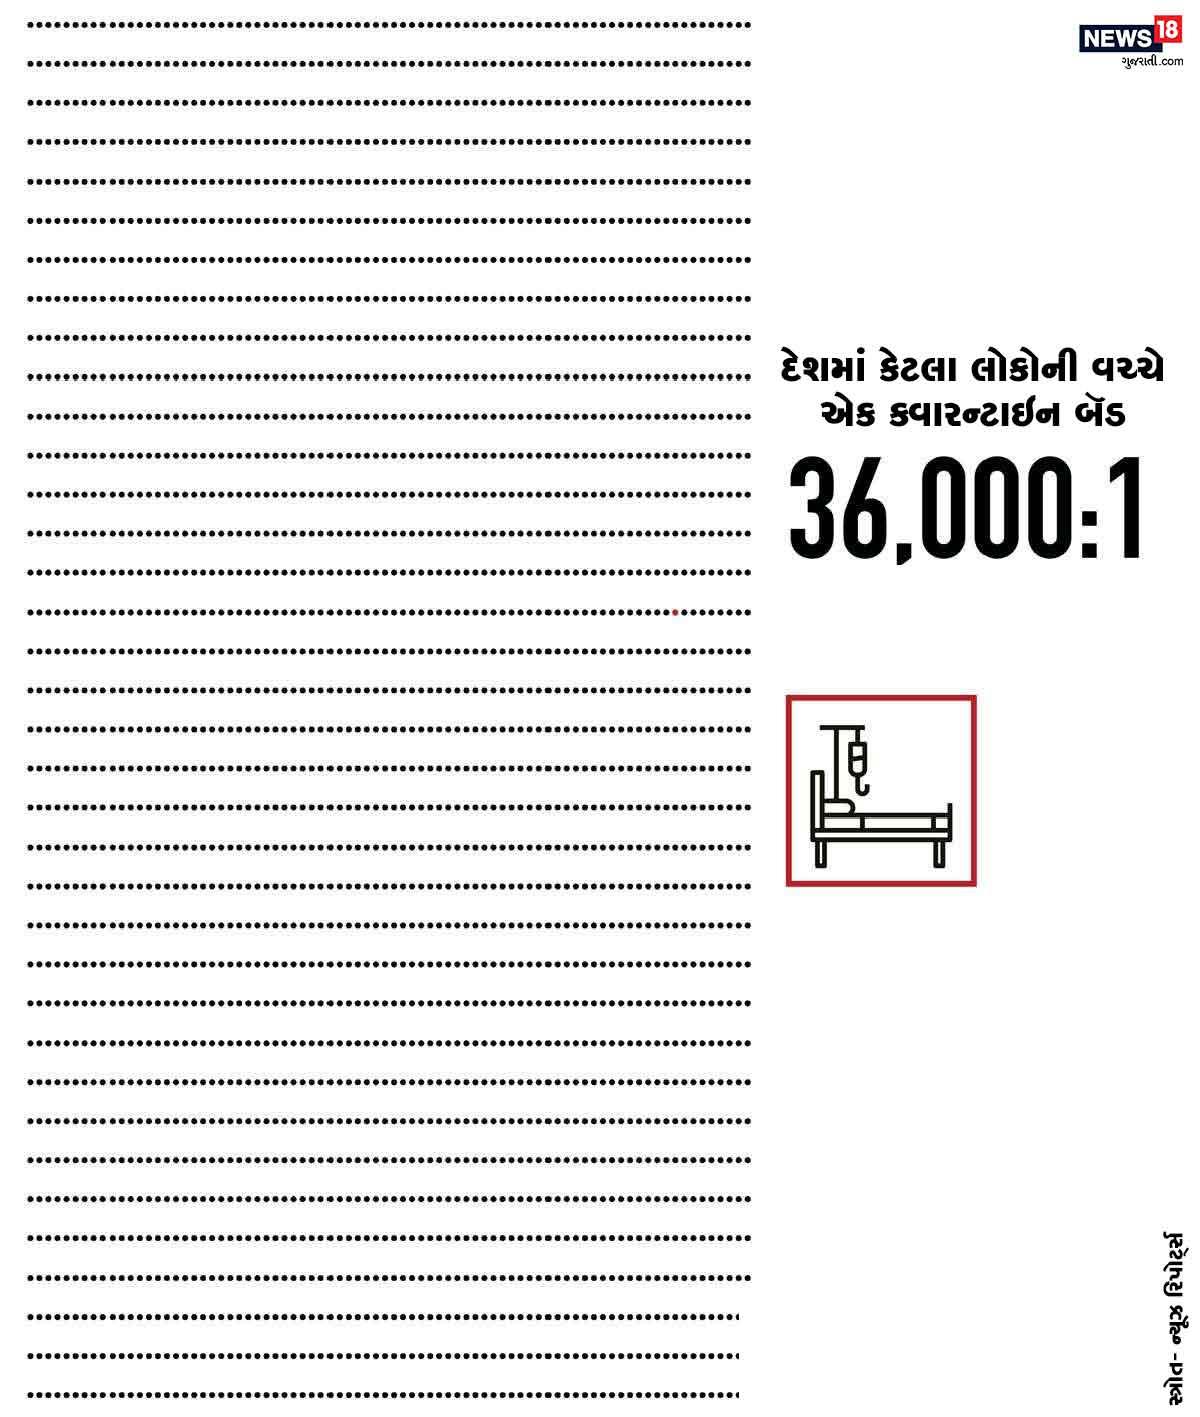 આ ઉપરાંત ક્વારન્ટાઇન બૅડની વાત કરીએ તો 36,000 લોકો વચ્ચે માત્ર એક બૅડ ઉપલબ્ધ છે.